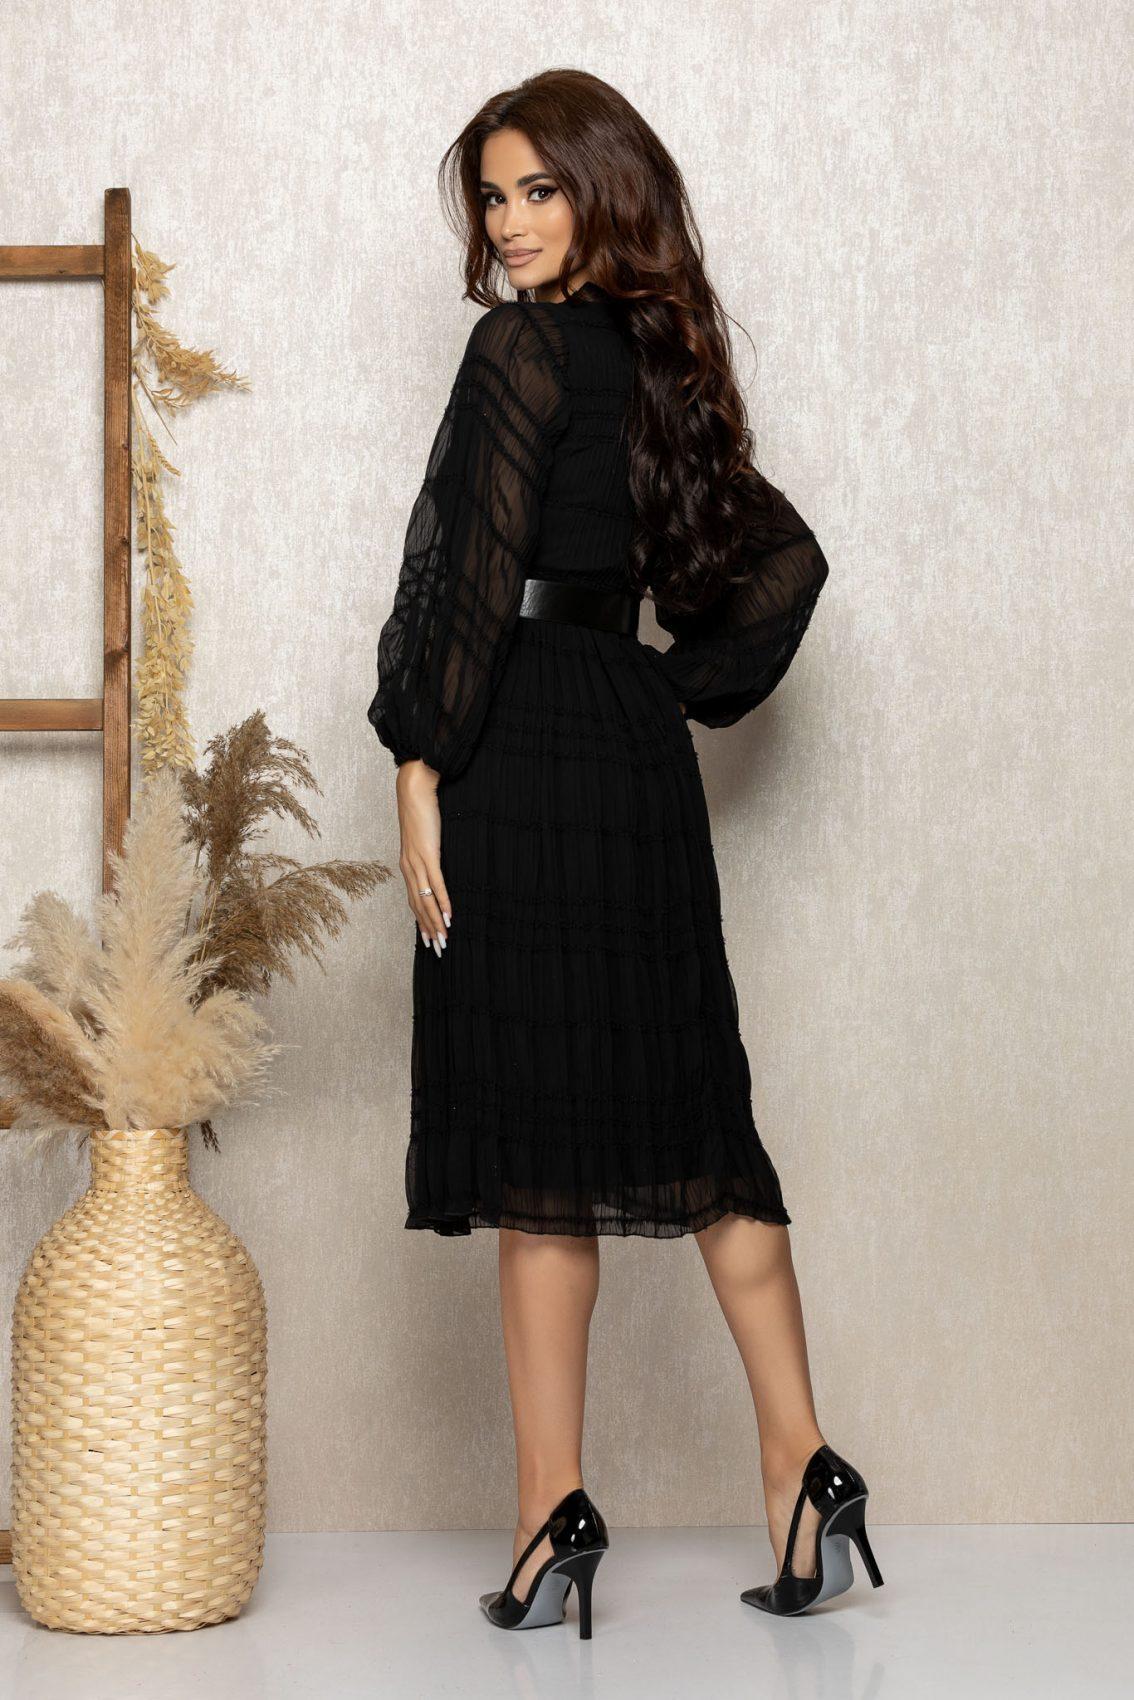 Μαύρο Μίντι Βραδινό Φόρεμα Με Ζώνη Marilyn T280 2